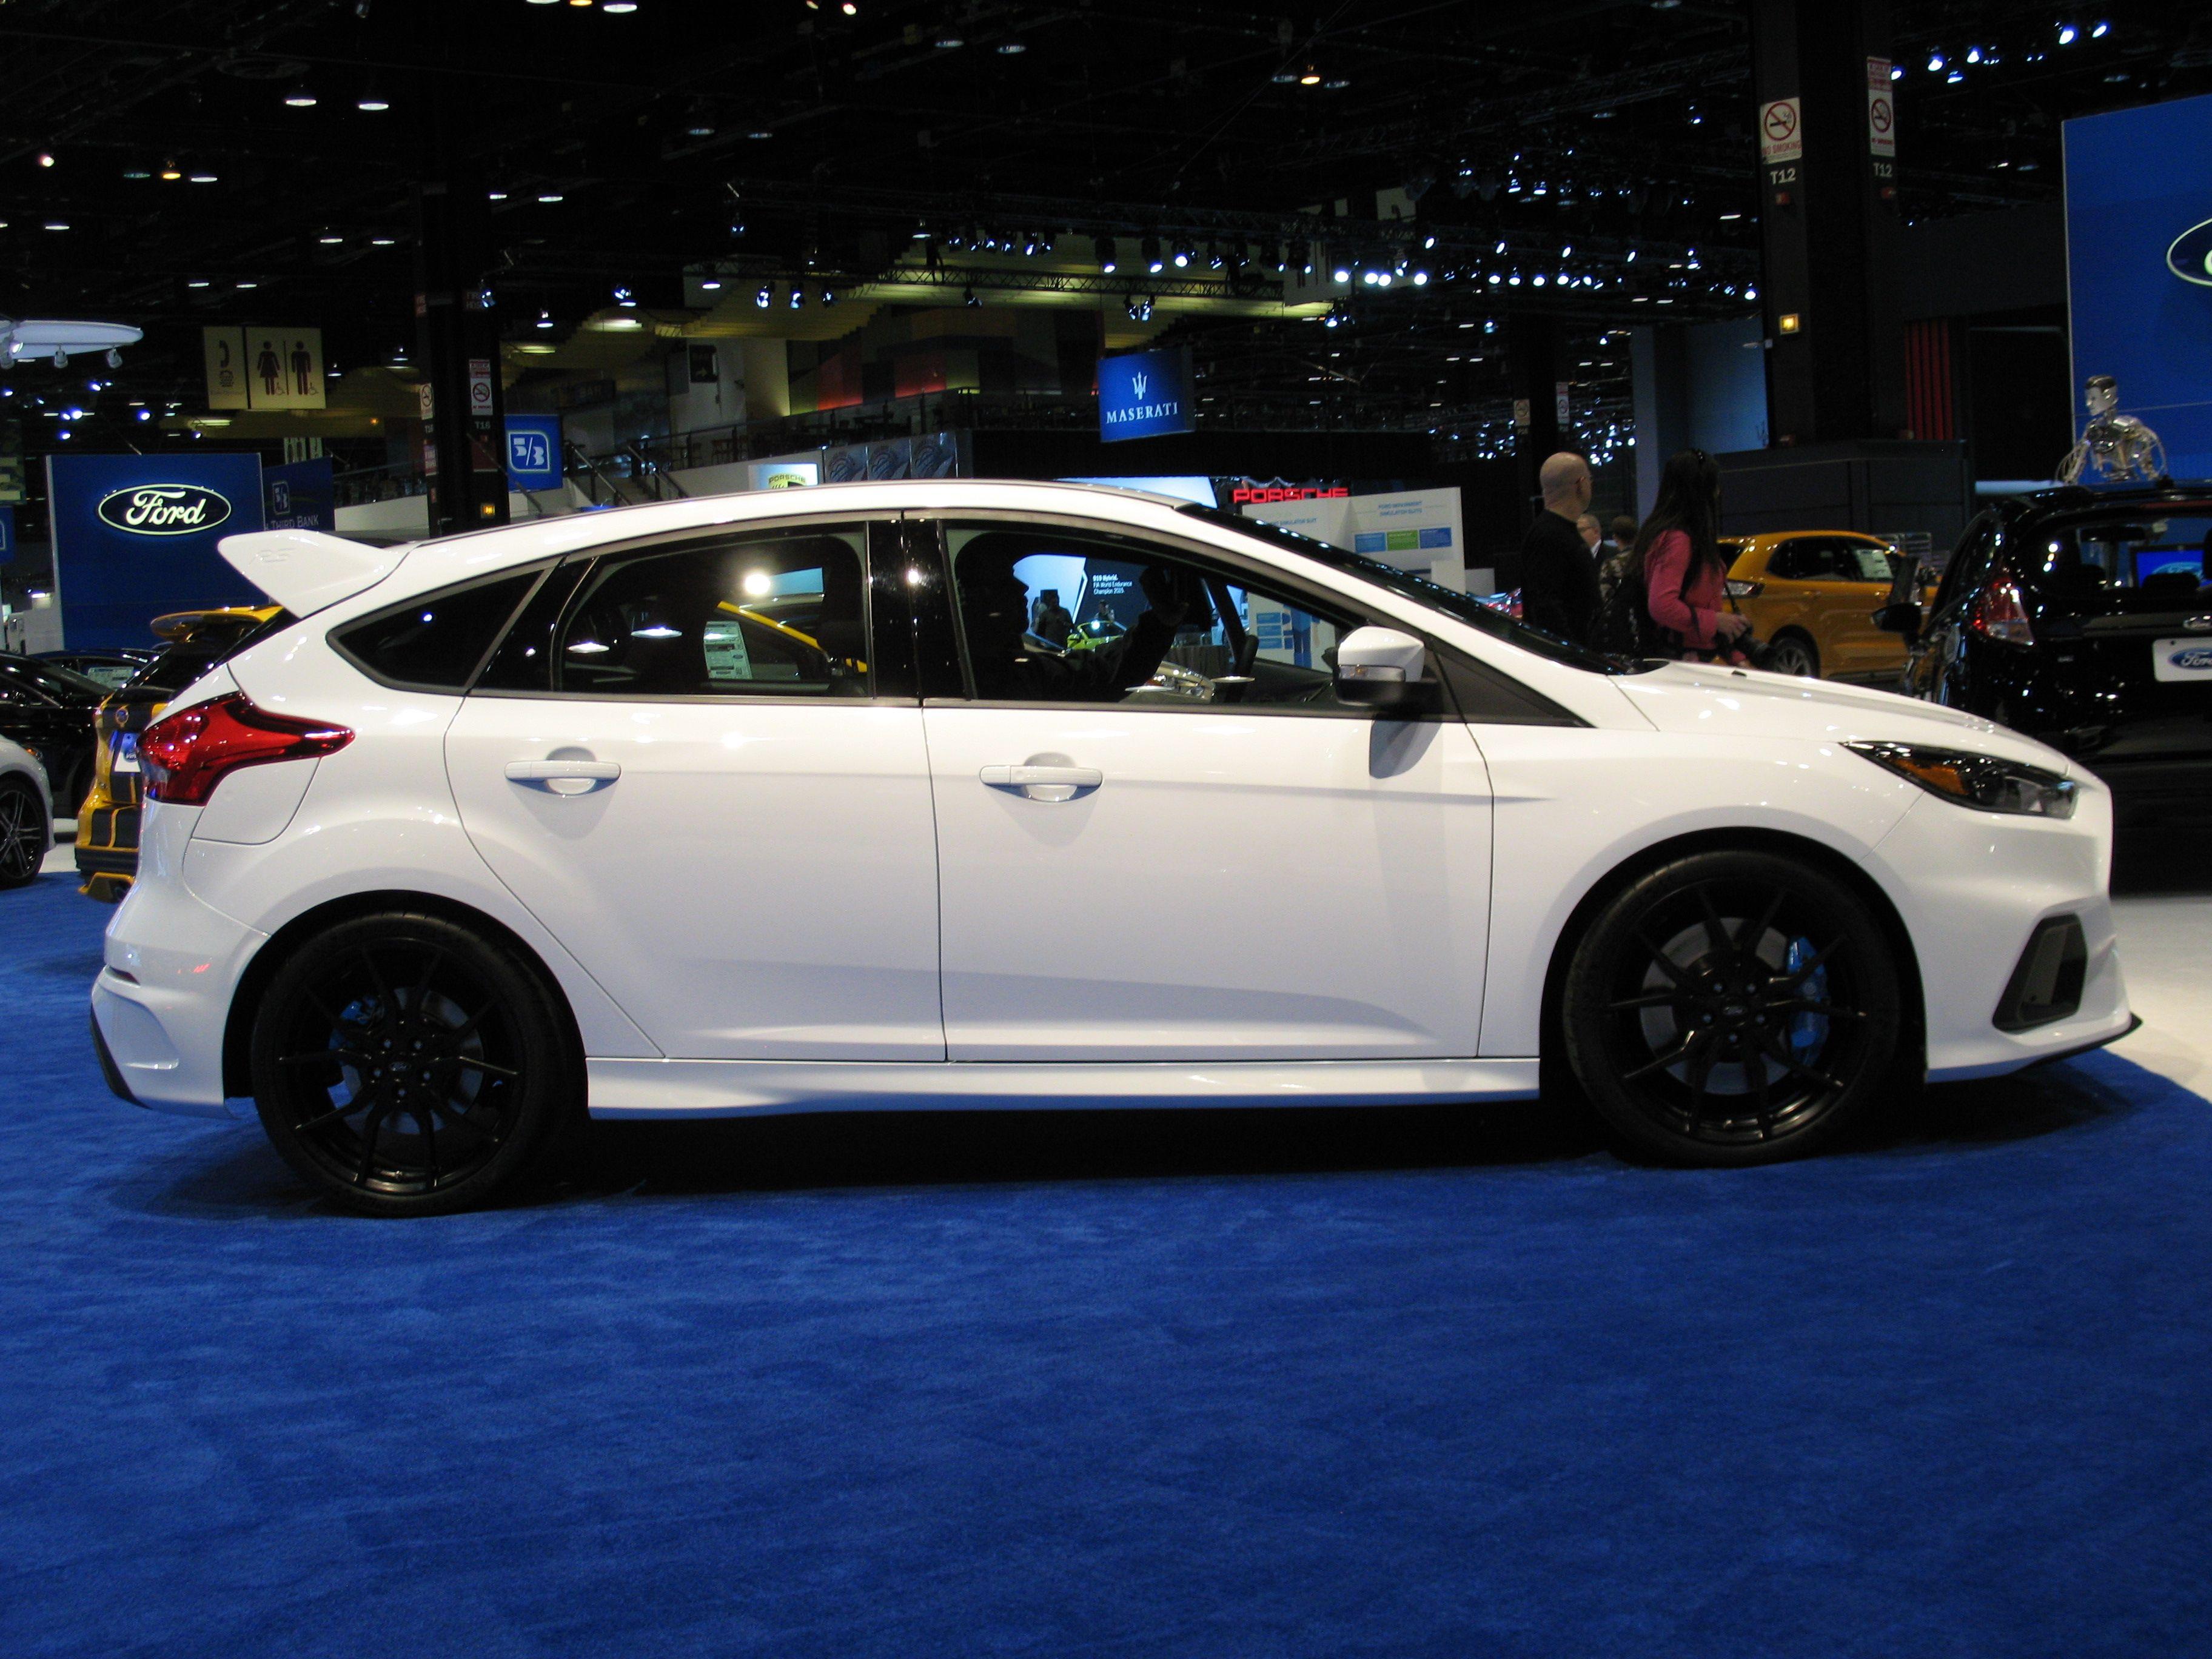 2016 Ford Focus Rs Hatchback Side View Ford Focus Hatchback